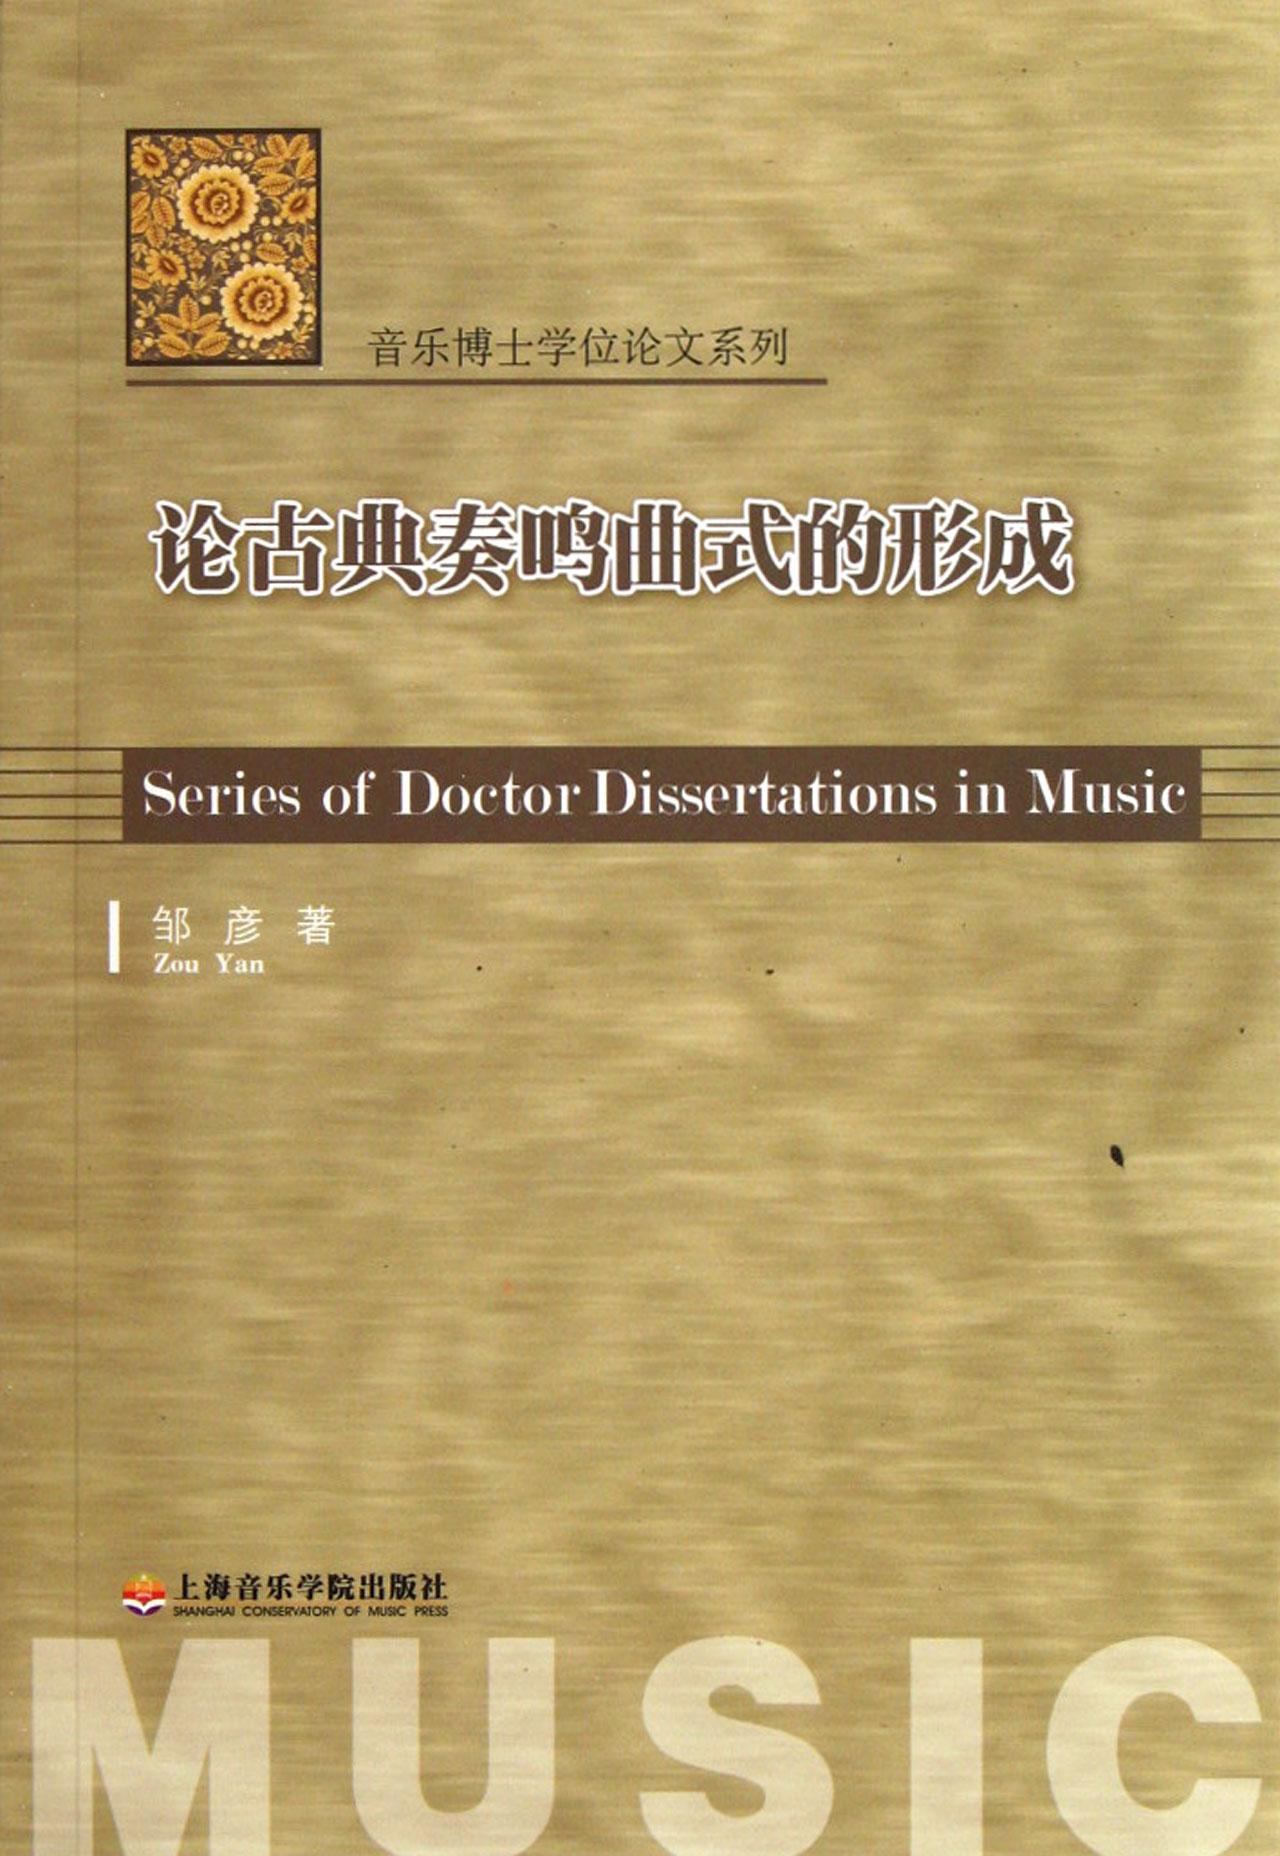 《论古典奏鸣曲式的形成》是一篇关于古典奏鸣曲式形成的论文,所研究的时间跨度约在17001780年间。《论古典奏鸣曲式的形成》共分上、下两篇。 上篇探讨了古典奏鸣曲式的雏形二段式与三段式是如何具有了古典奏鸣曲式的调性布局和结构规划,并主要以咏叹调和独奏协奏曲为主探讨了18世纪奏鸣风格的发展。 下篇主要是从交响曲和独奏奏鸣曲两个方面对古典奏鸣曲式的形成进行了探讨,并对主要作曲家的作品进行了研究,对每位作曲家在古典奏鸣曲式形成过程中的历史贡献作了总结。 在此过程中,作者邹彦主要提出了以下观点: 1.